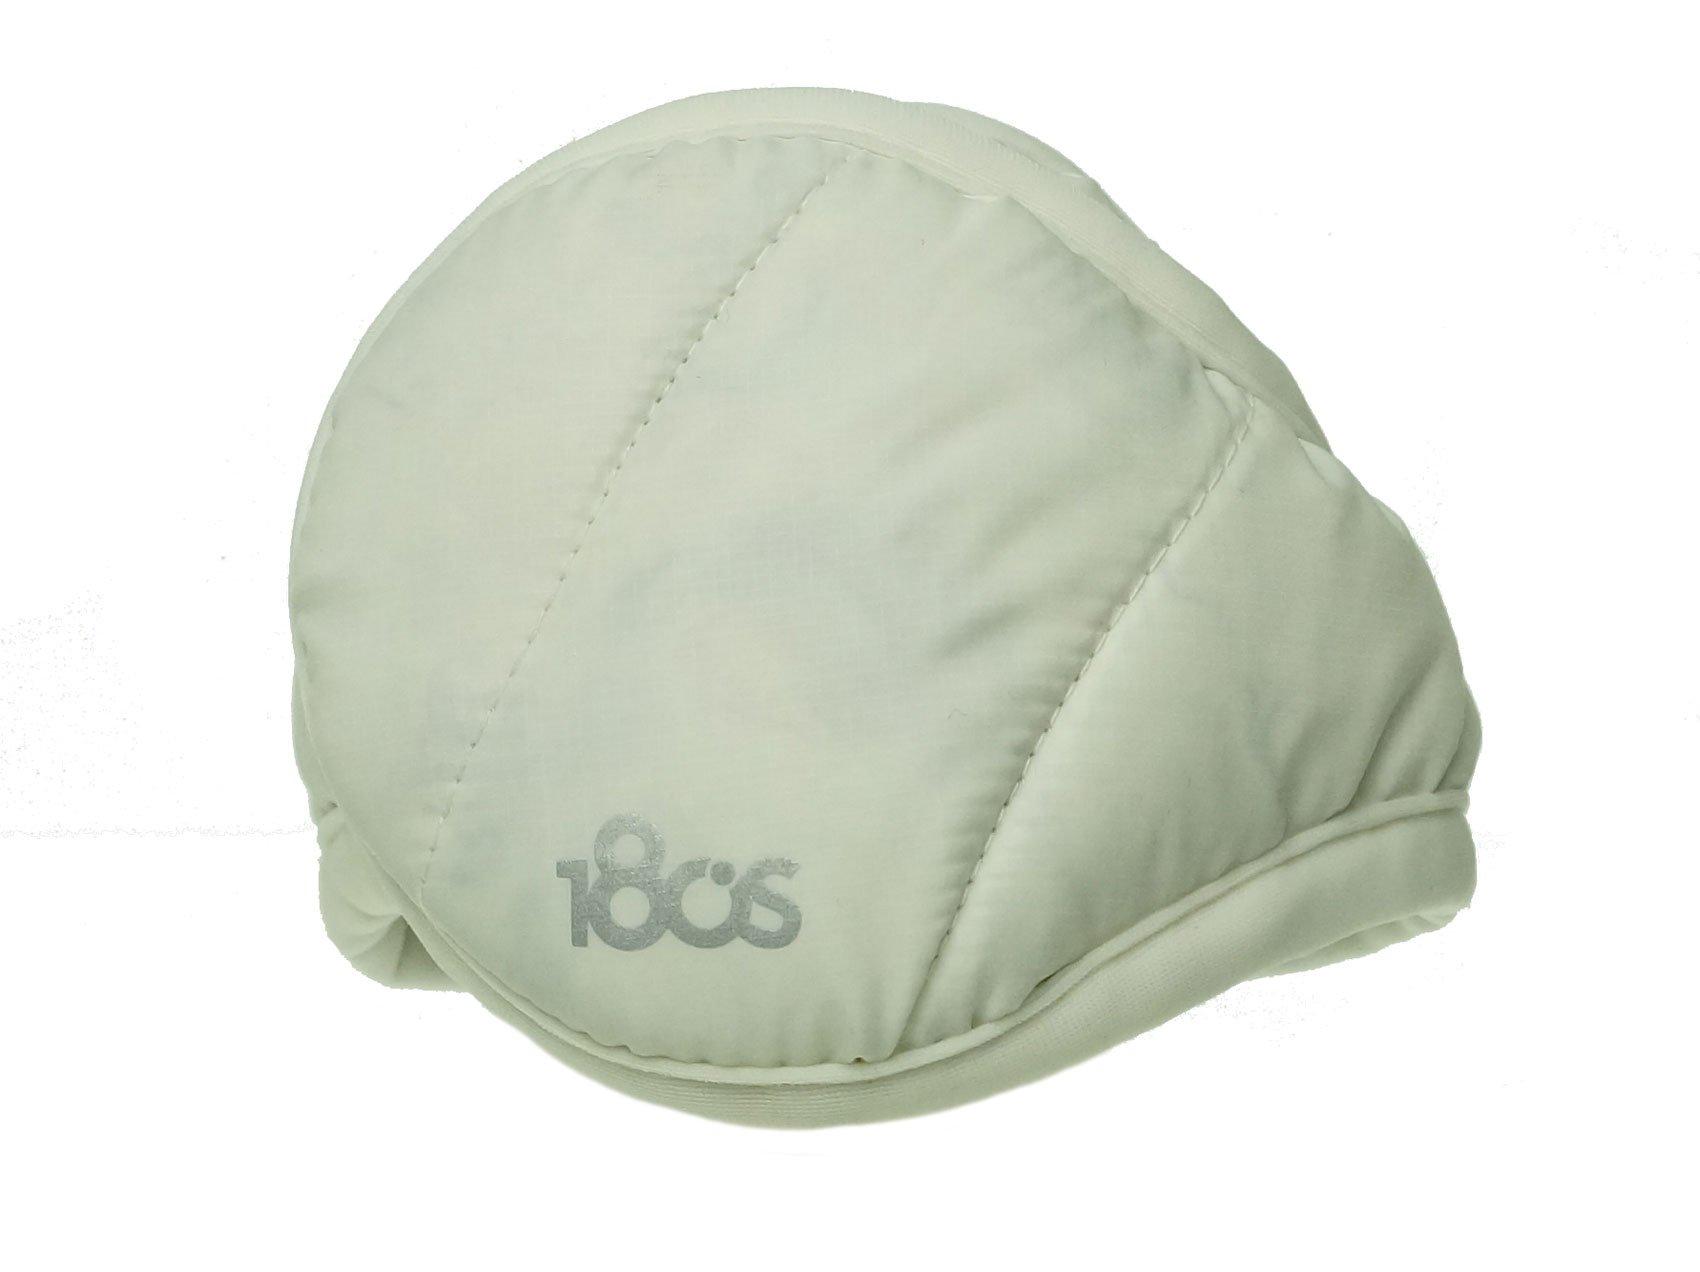 180s Women's Ear Warmers - Down White